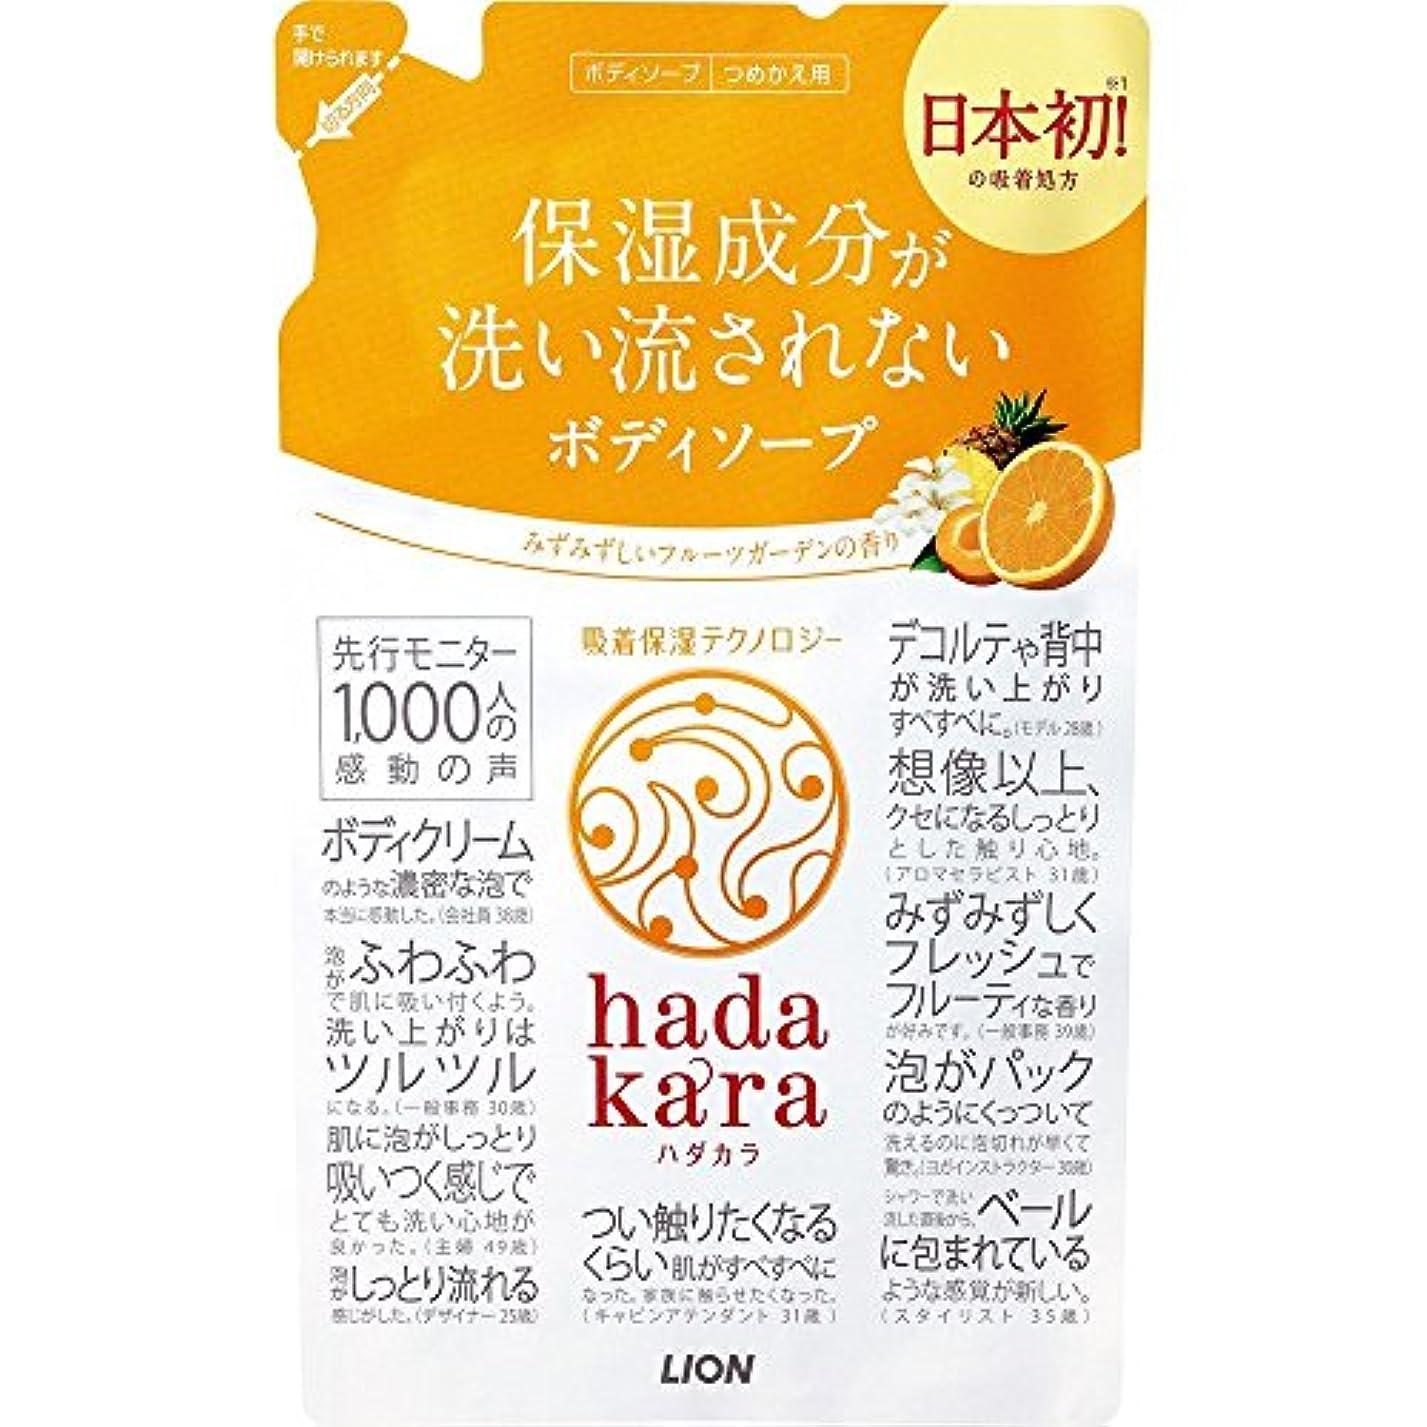 苦行レイアウト可聴hadakara(ハダカラ) ボディソープ フルーツガーデンの香り 詰め替え 360ml